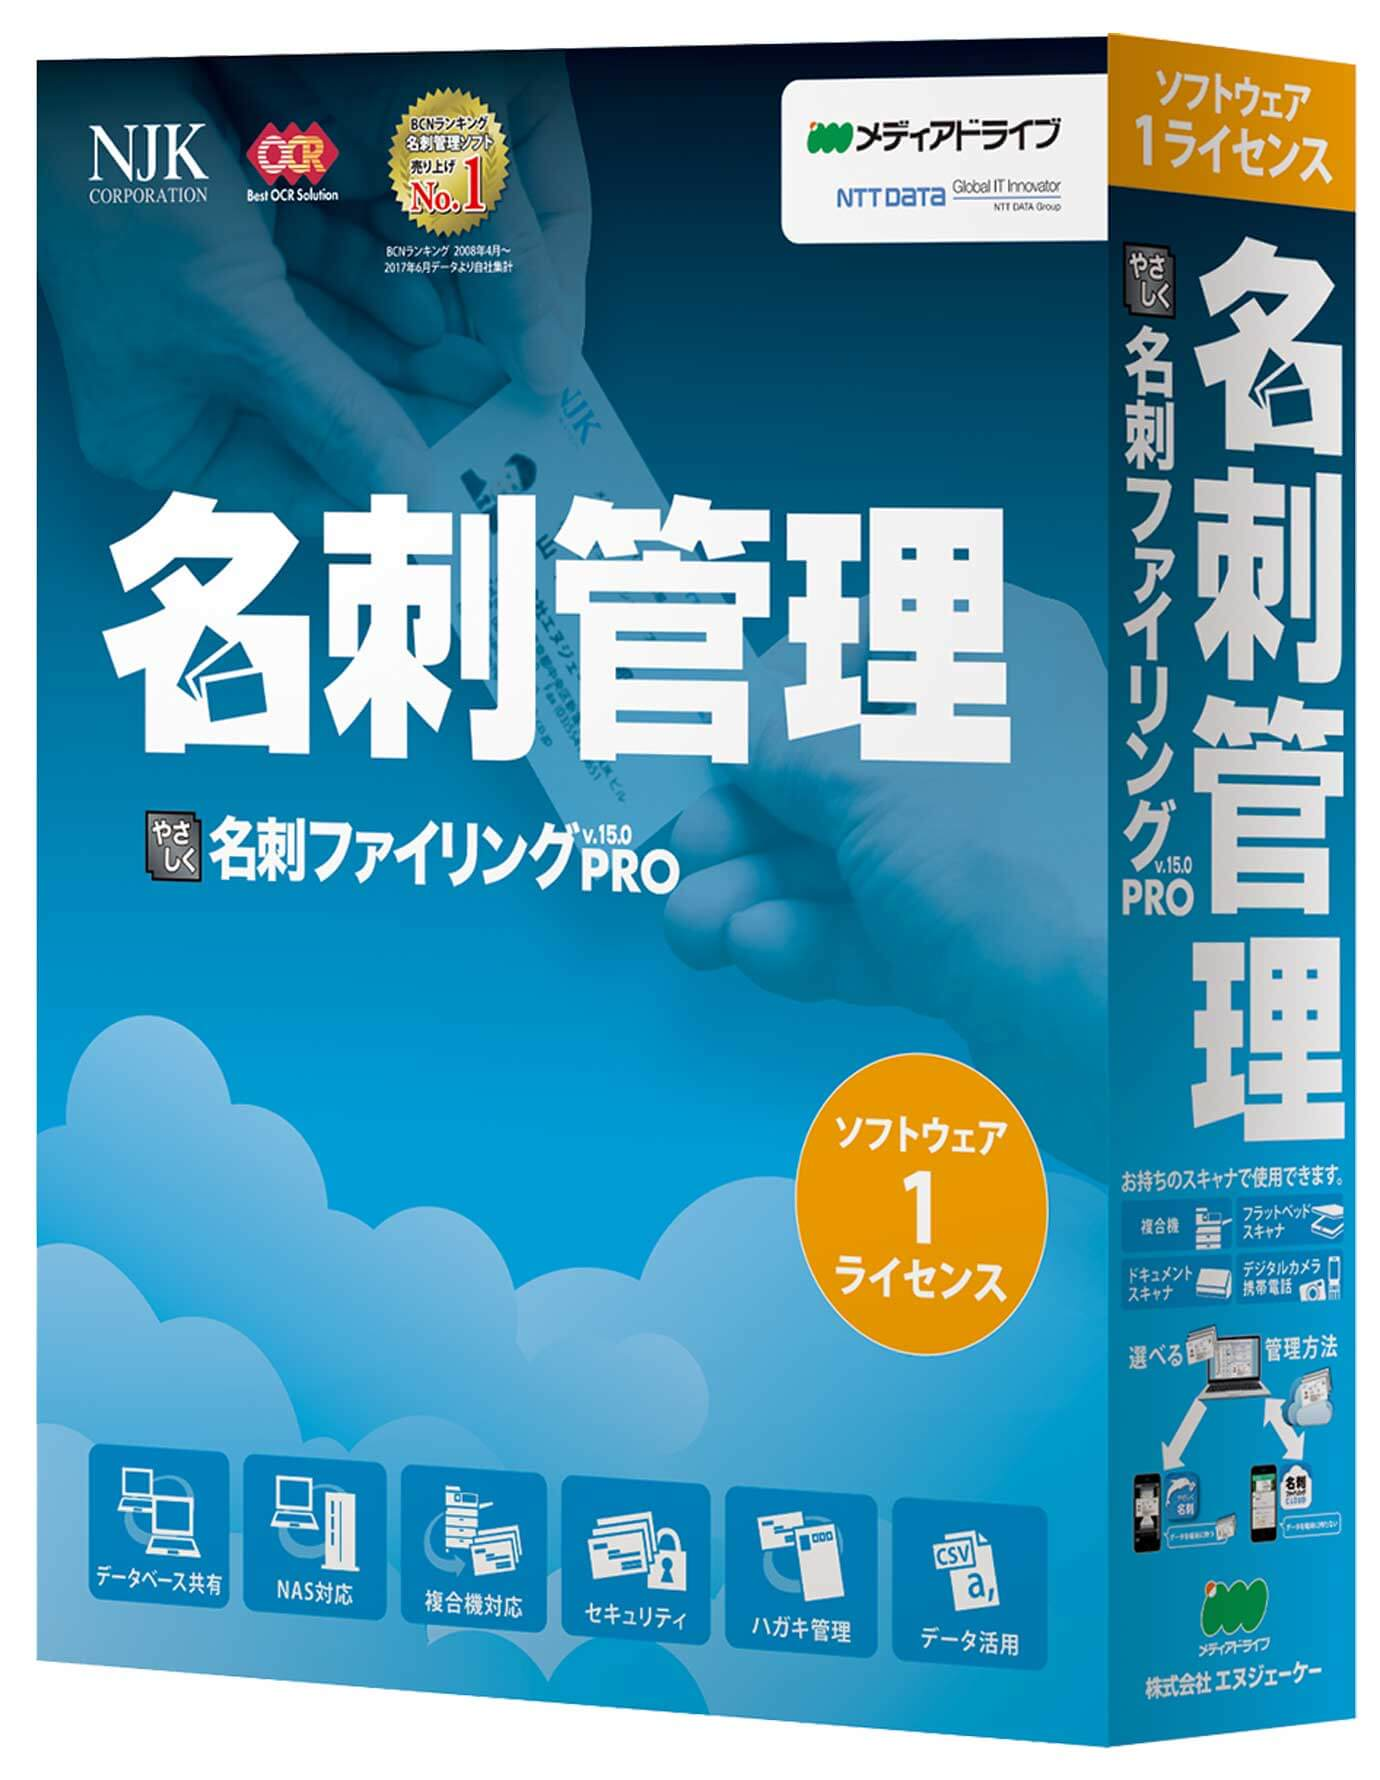 コンパクトなカラースキャナが付属する「名刺管理ソフト やさしく名刺ファイリング PRO v.15.0 高速カラースキャナ付」。